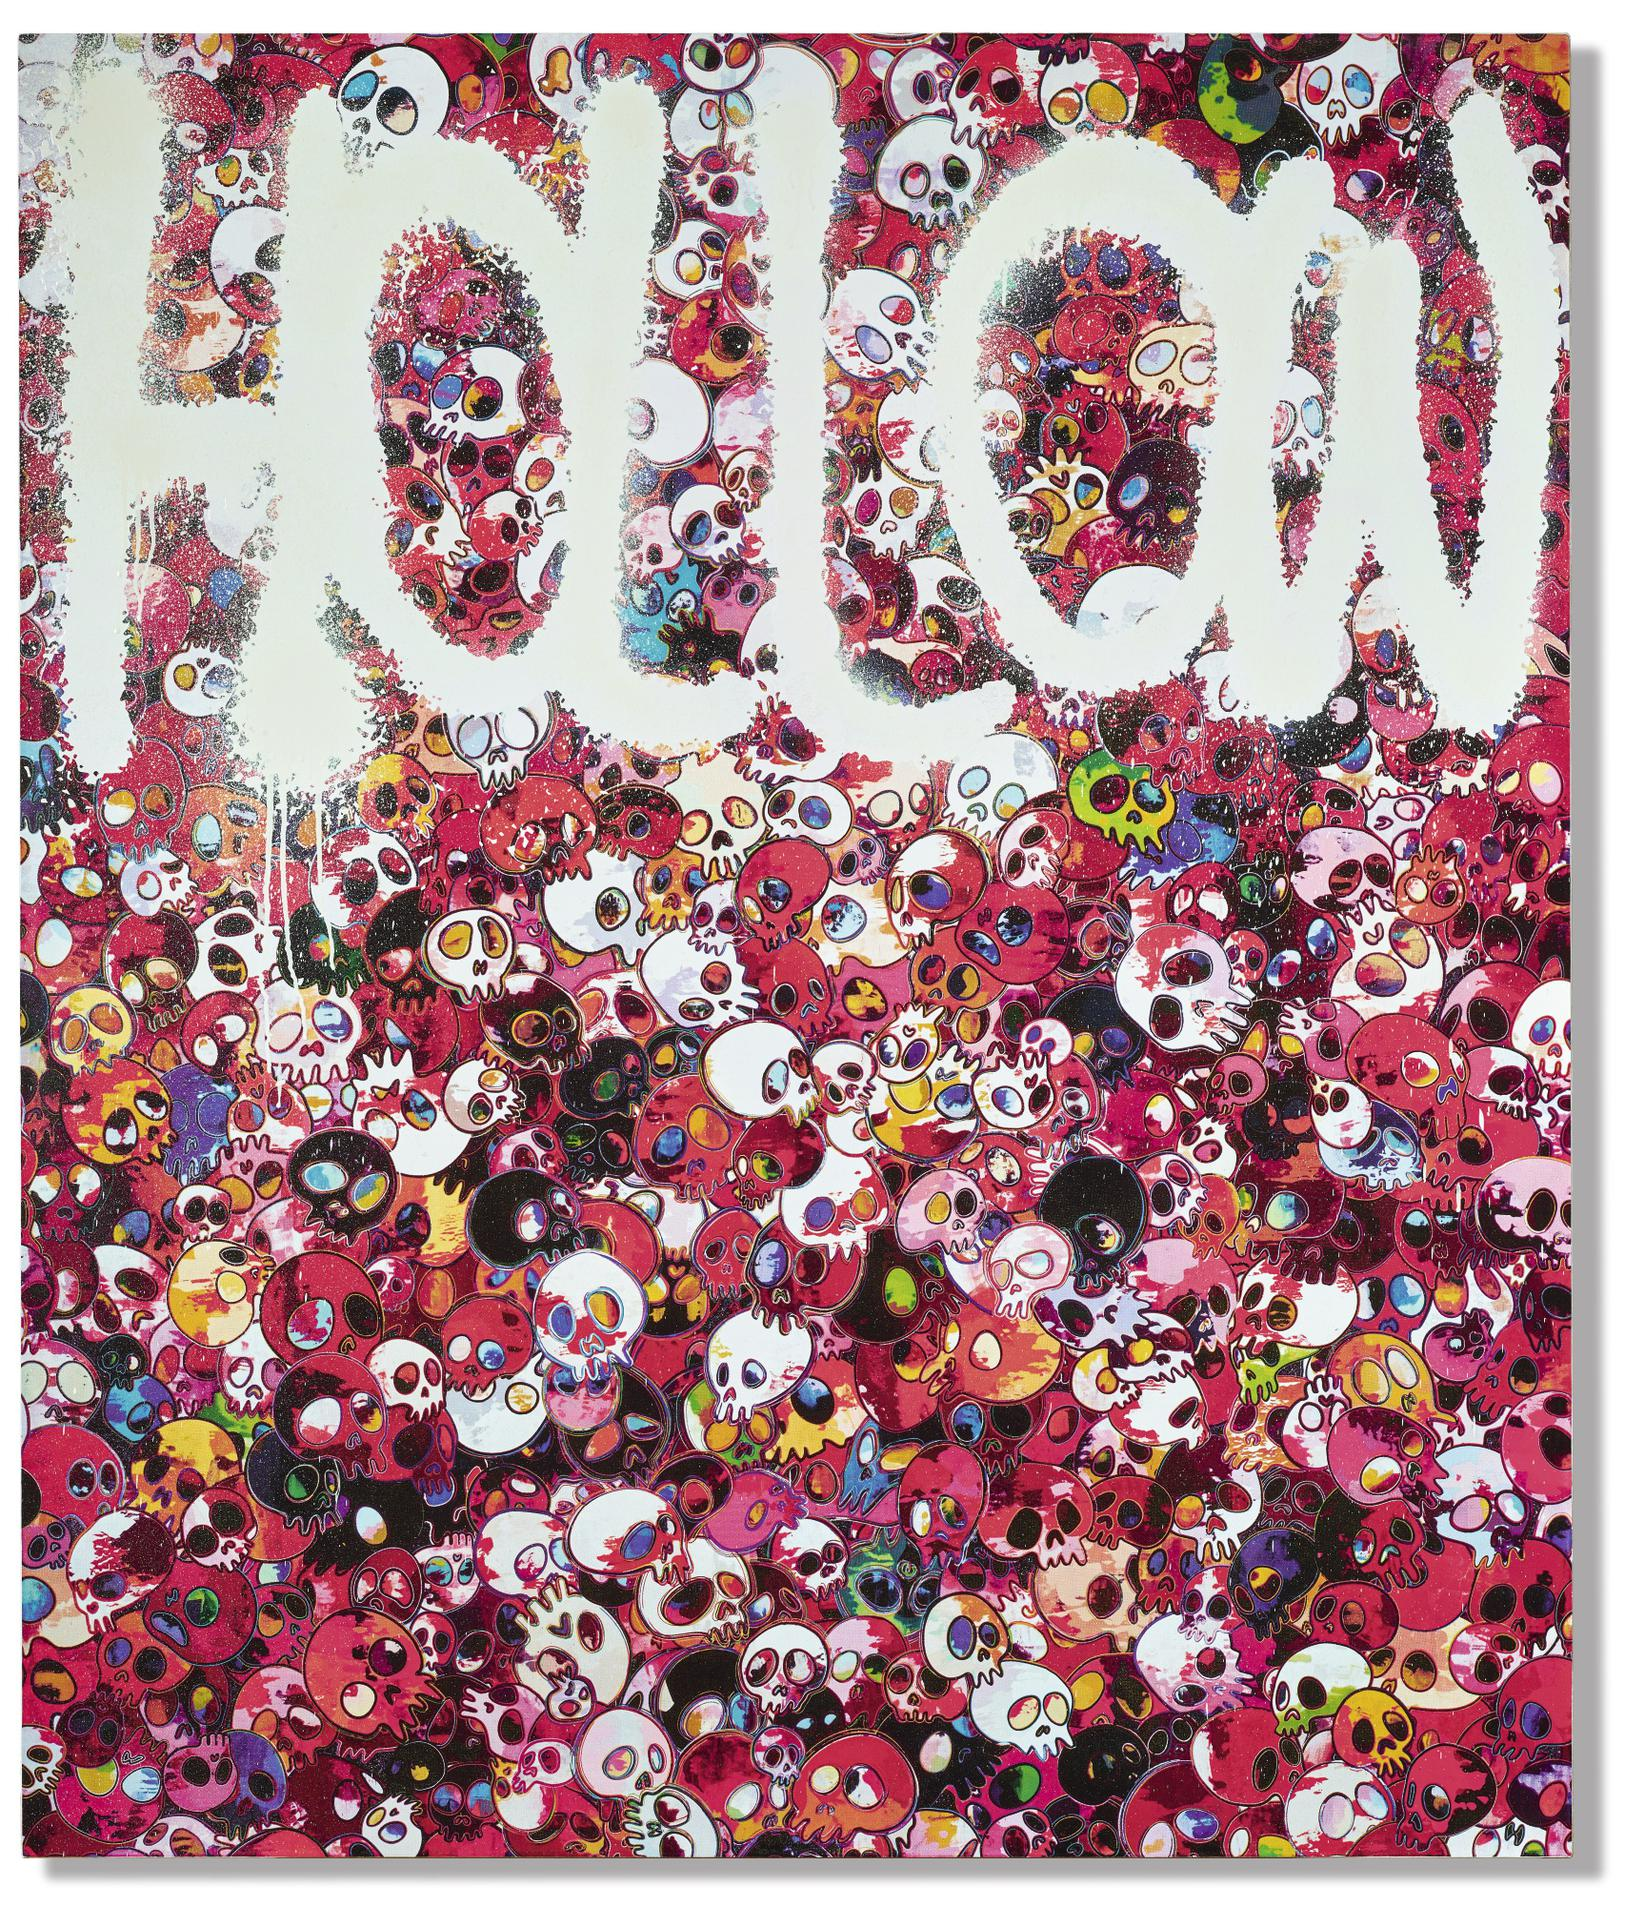 Takashi Murakami-Hollow-2014